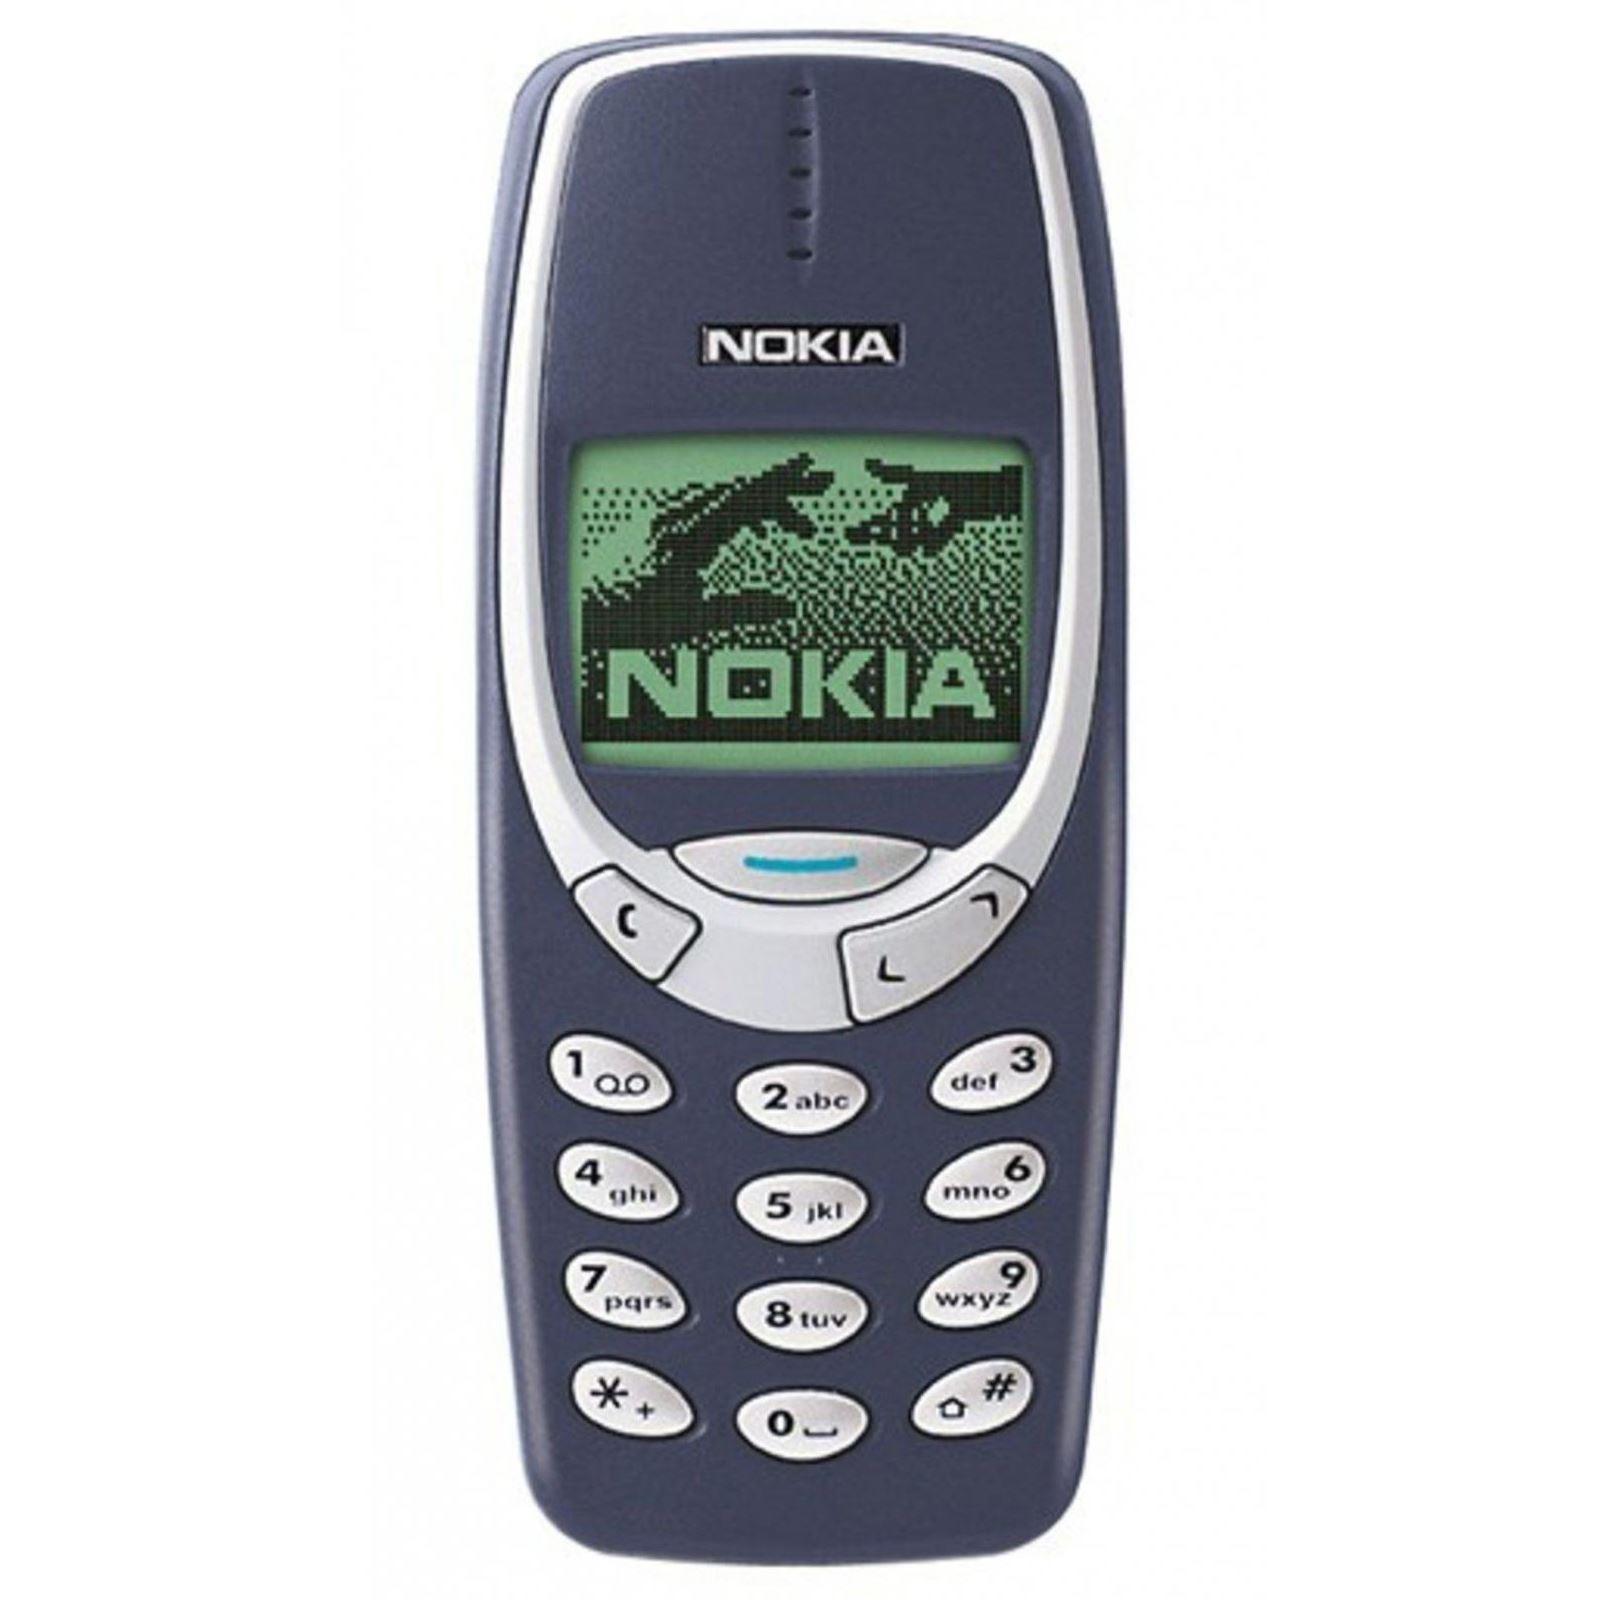 Ecco quali sono i cellulari degli anni '90 che oggi valgono una fortuna